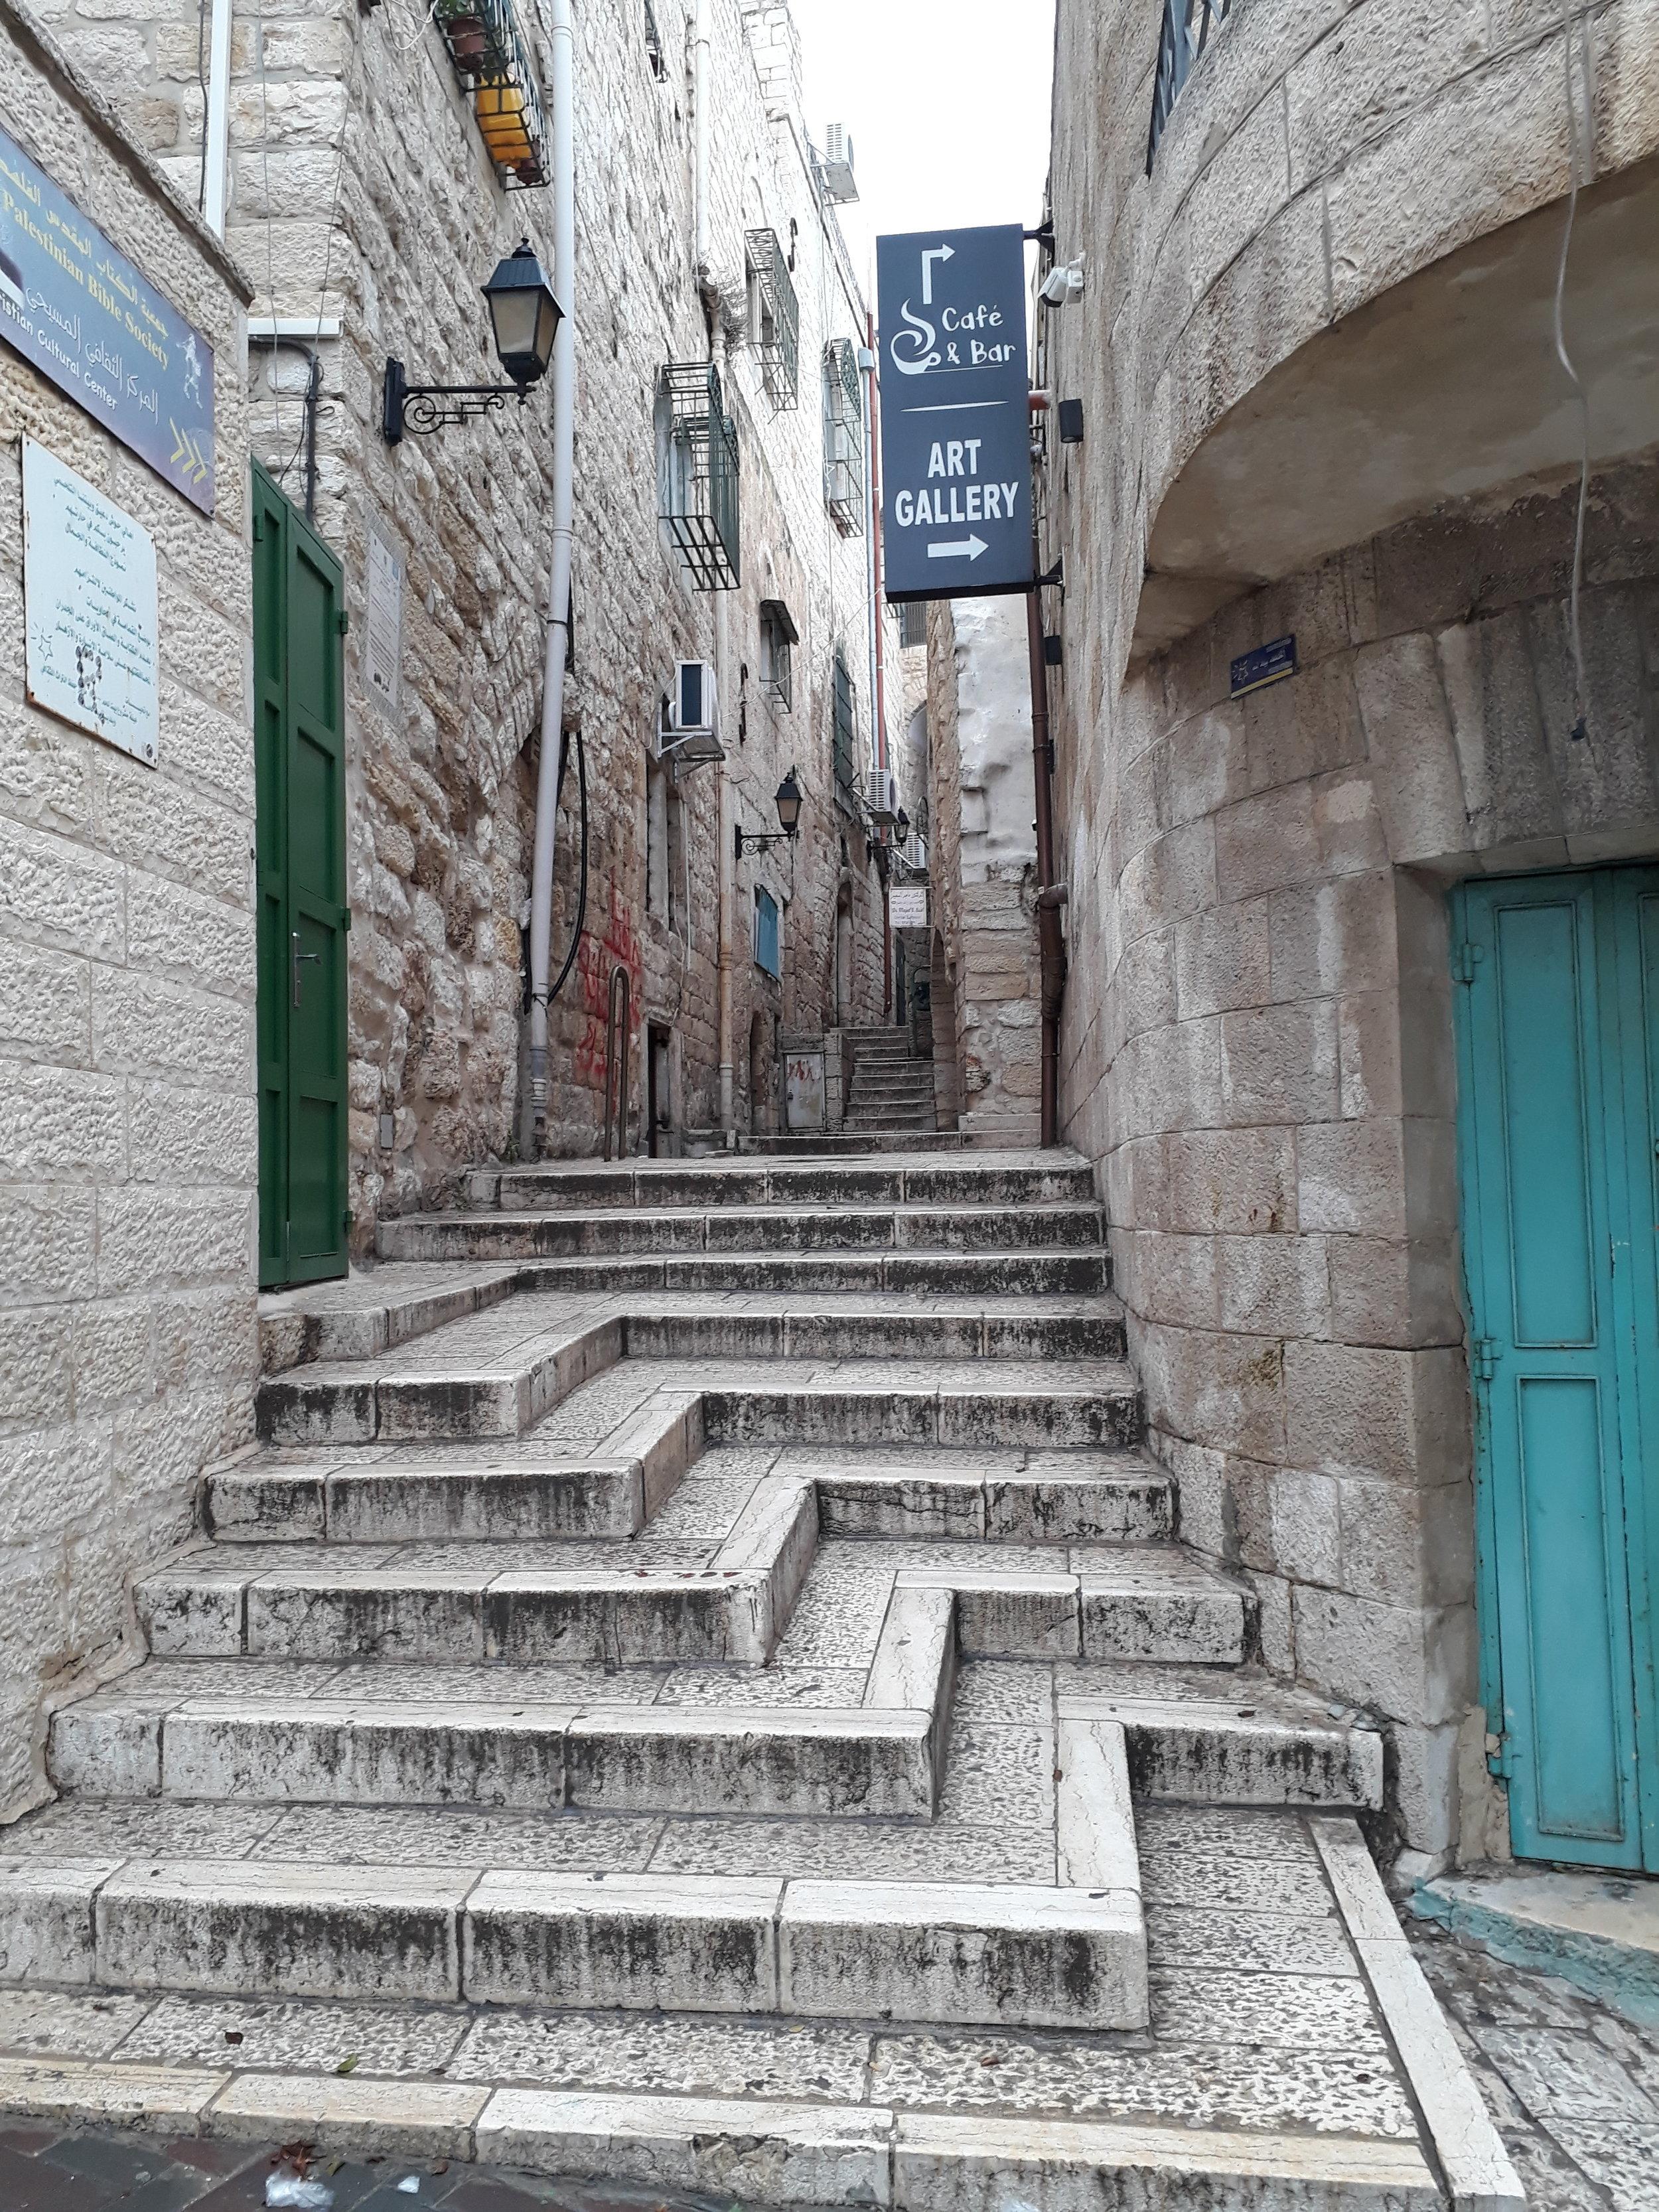 Streets of historic Bethlehem Palestine